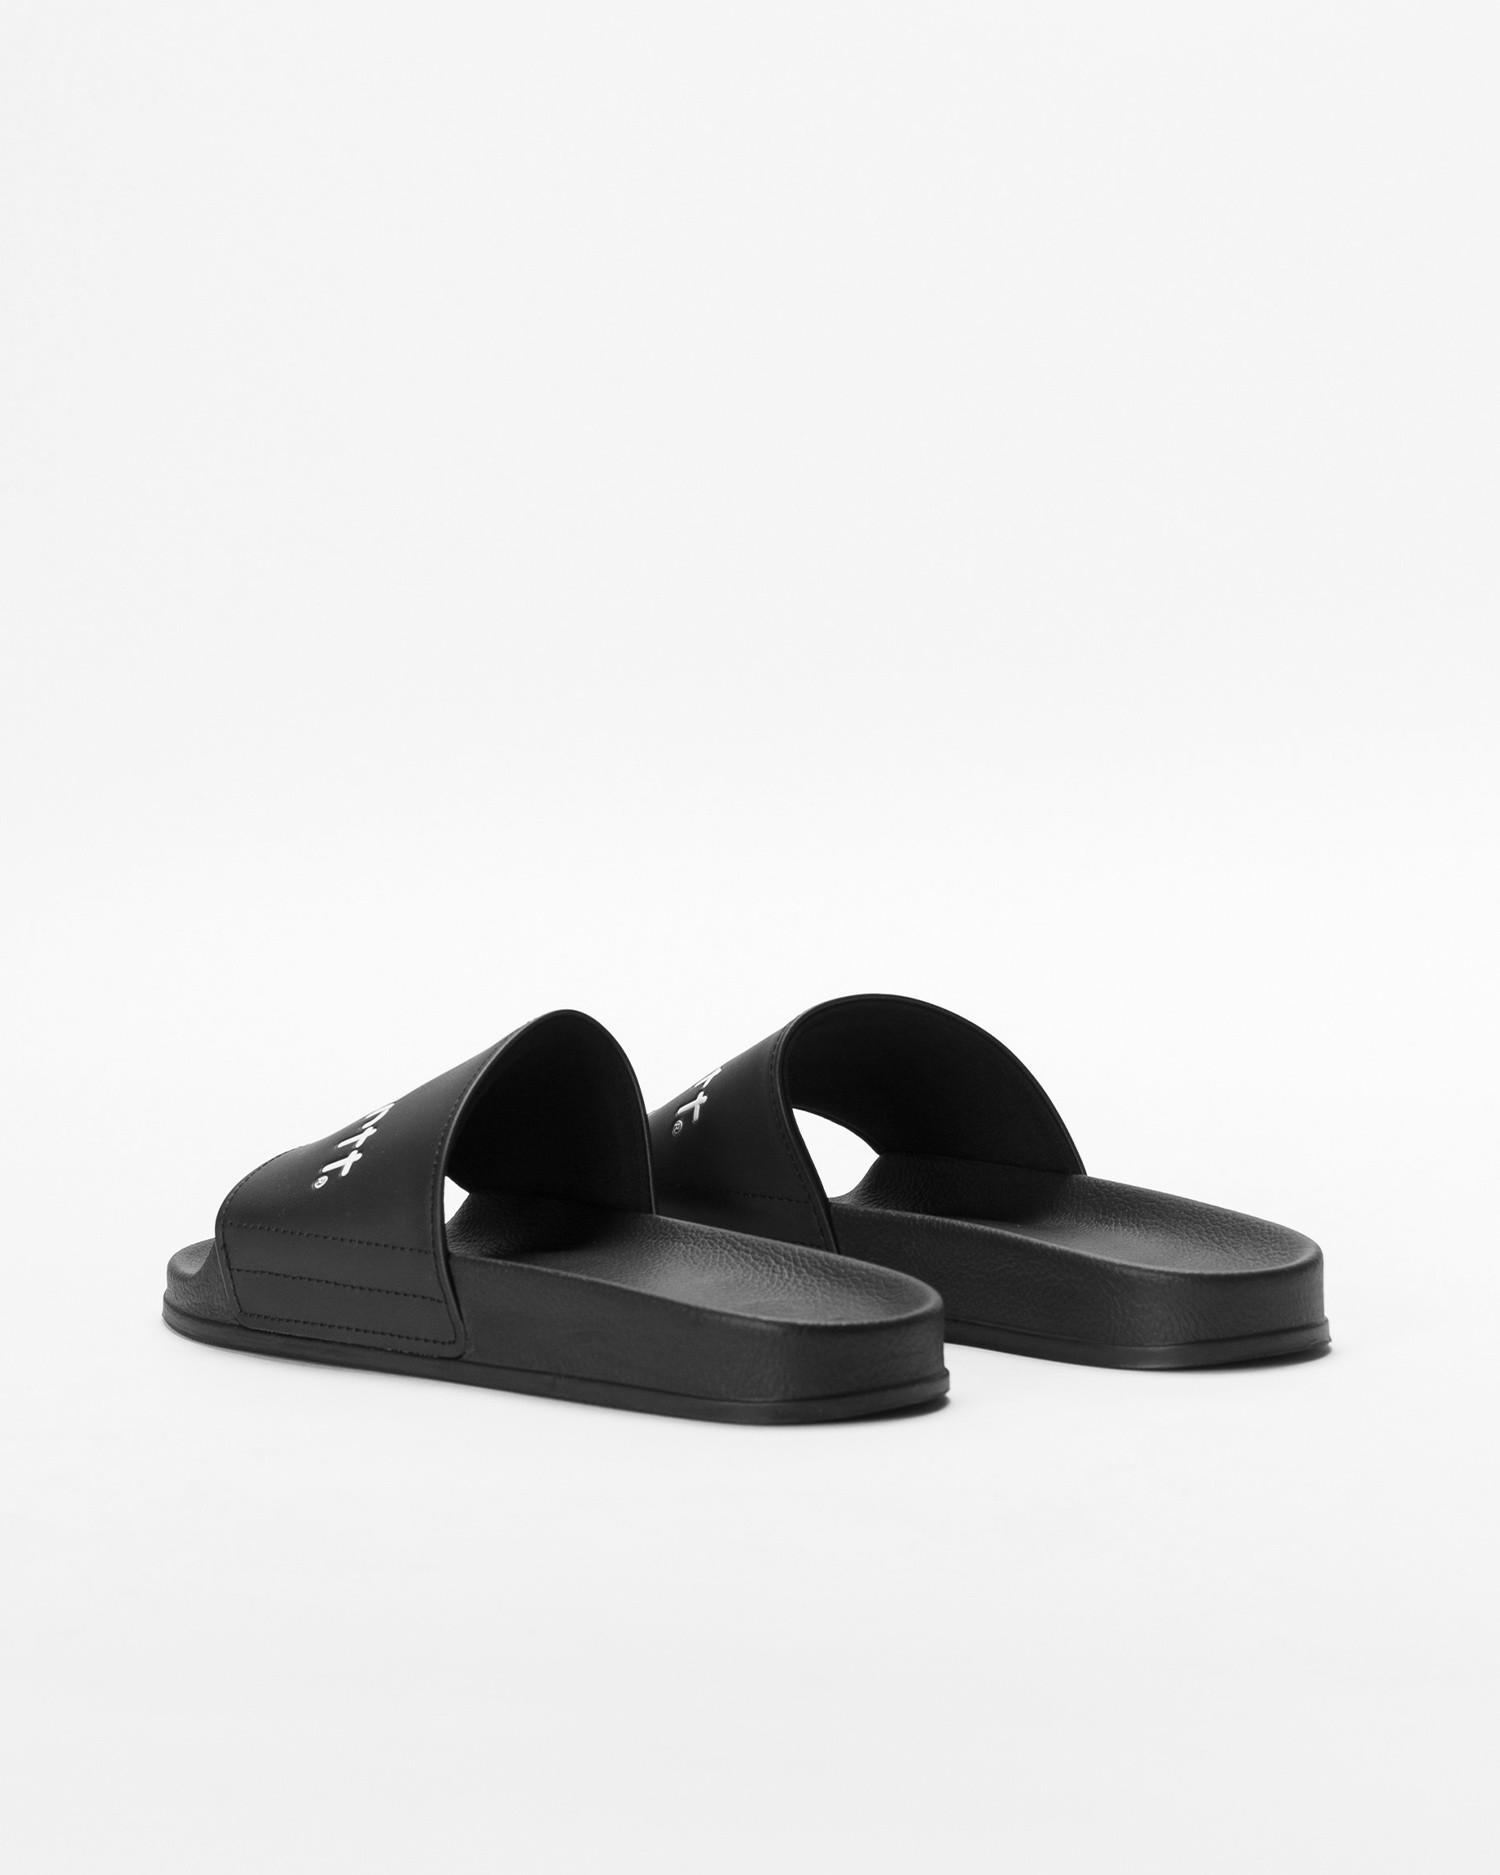 Carhartt WIP Slipper Black/White